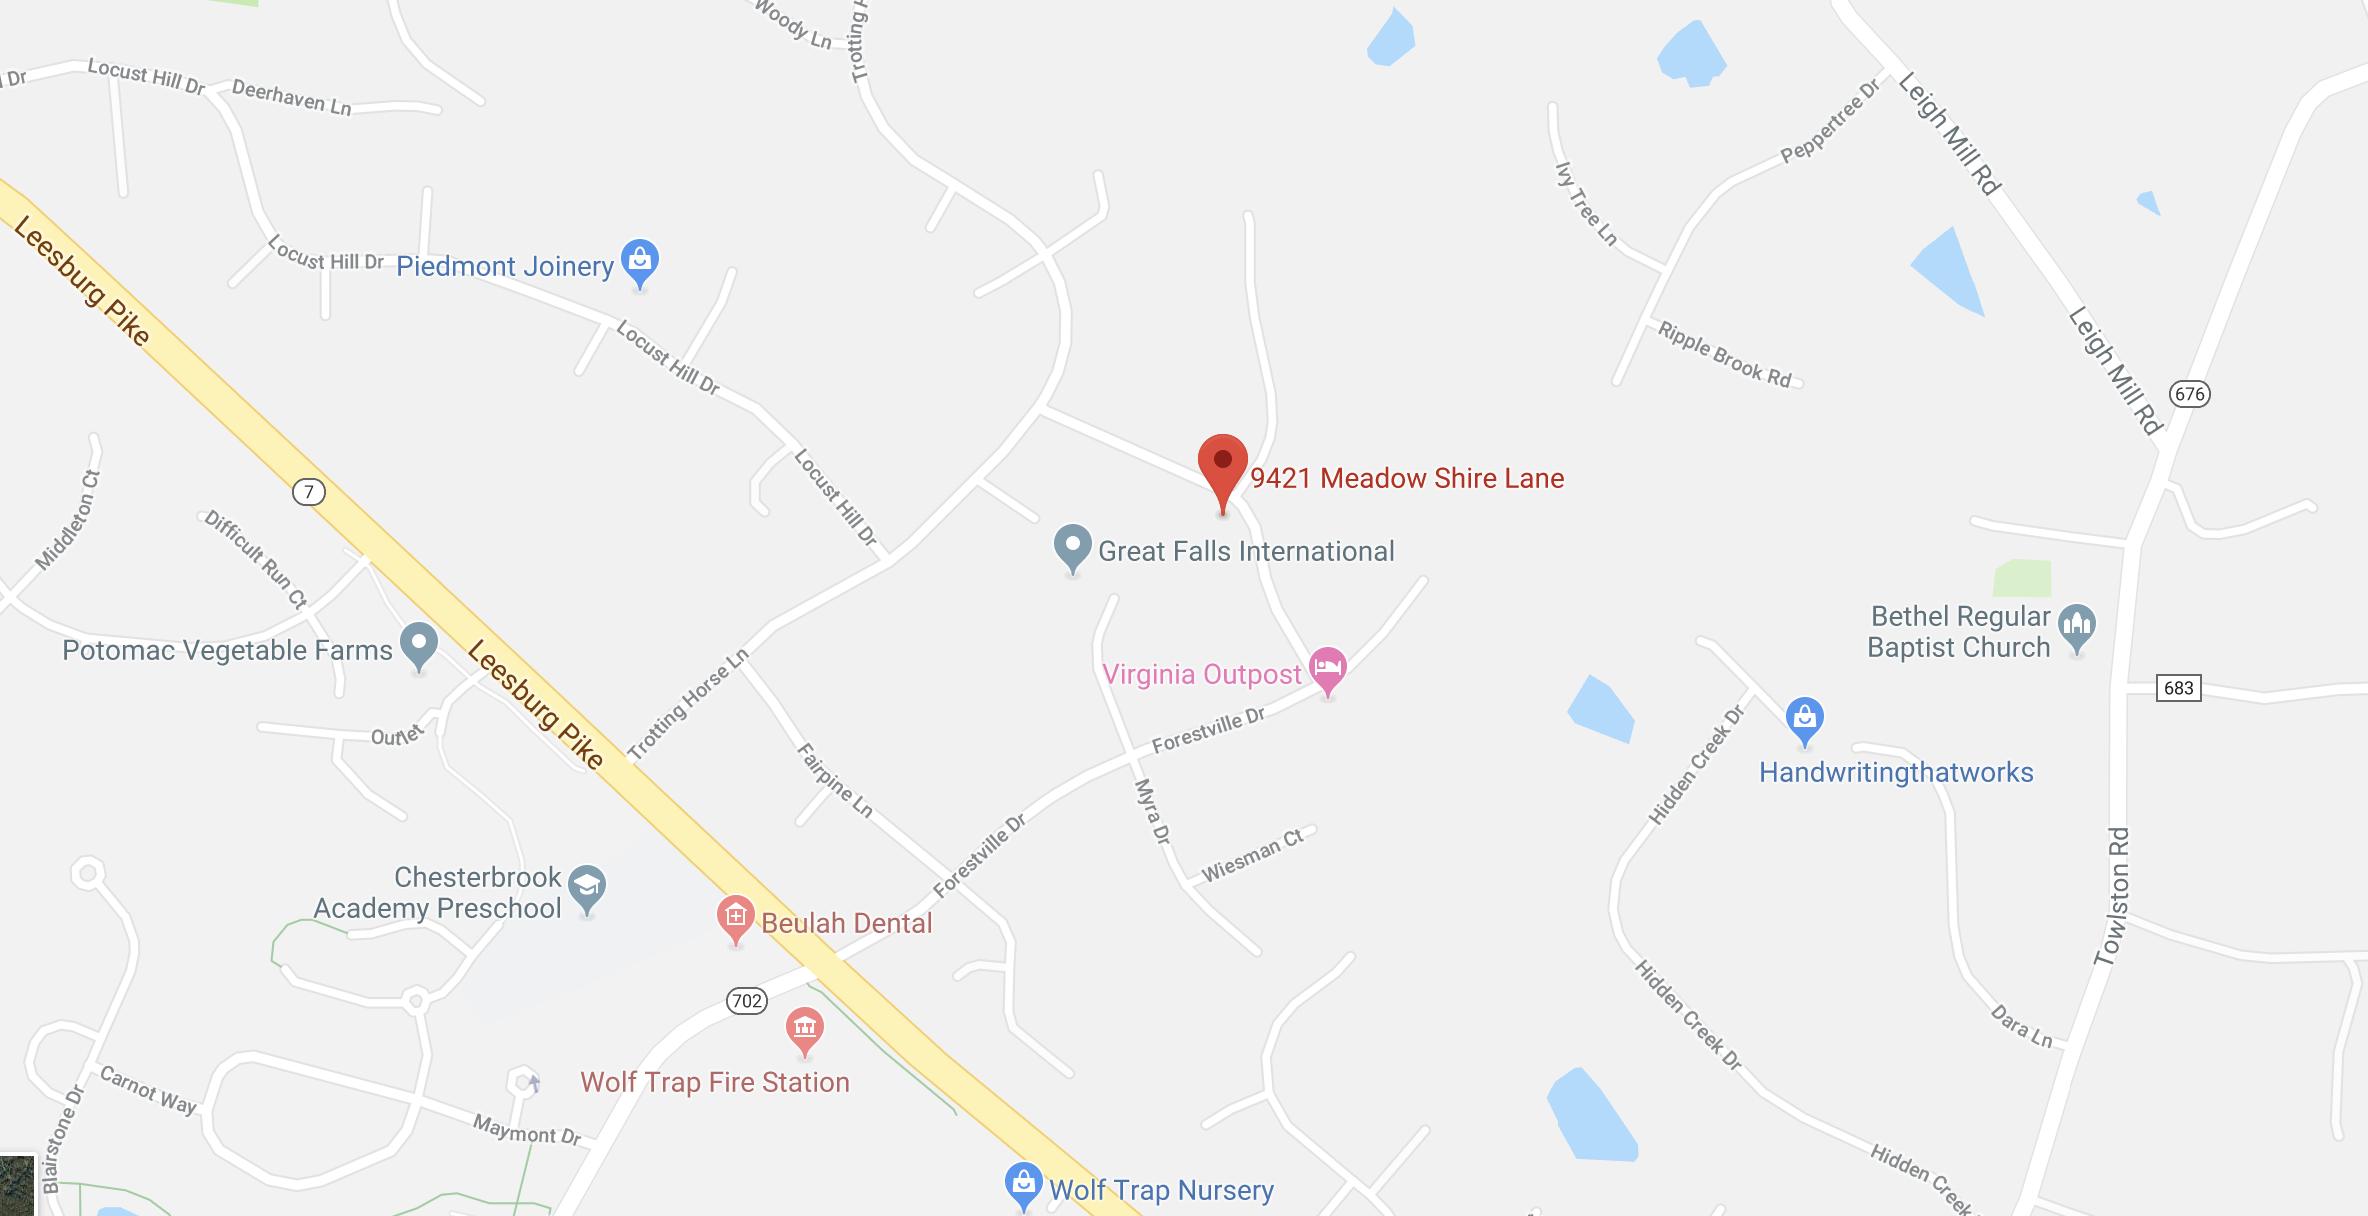 9421 Meadow Shire Ln_Great Falls_VA_Map